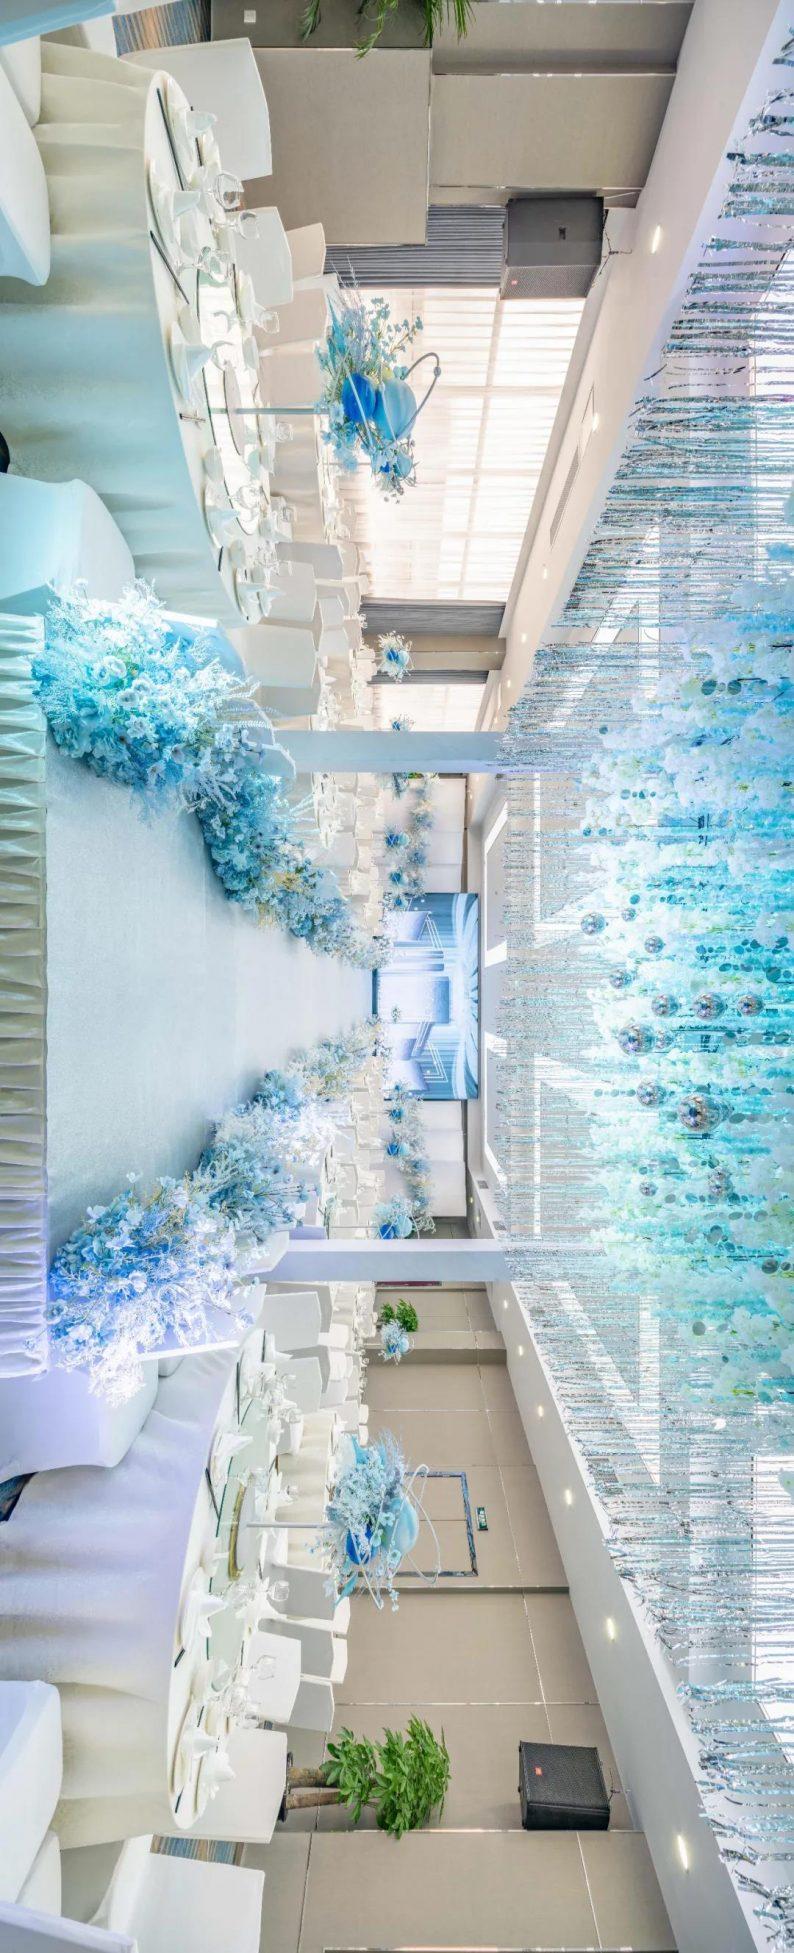 婚礼堂发布:最佳视觉奖!奥蓝酒店婚礼堂全新升级  第9张